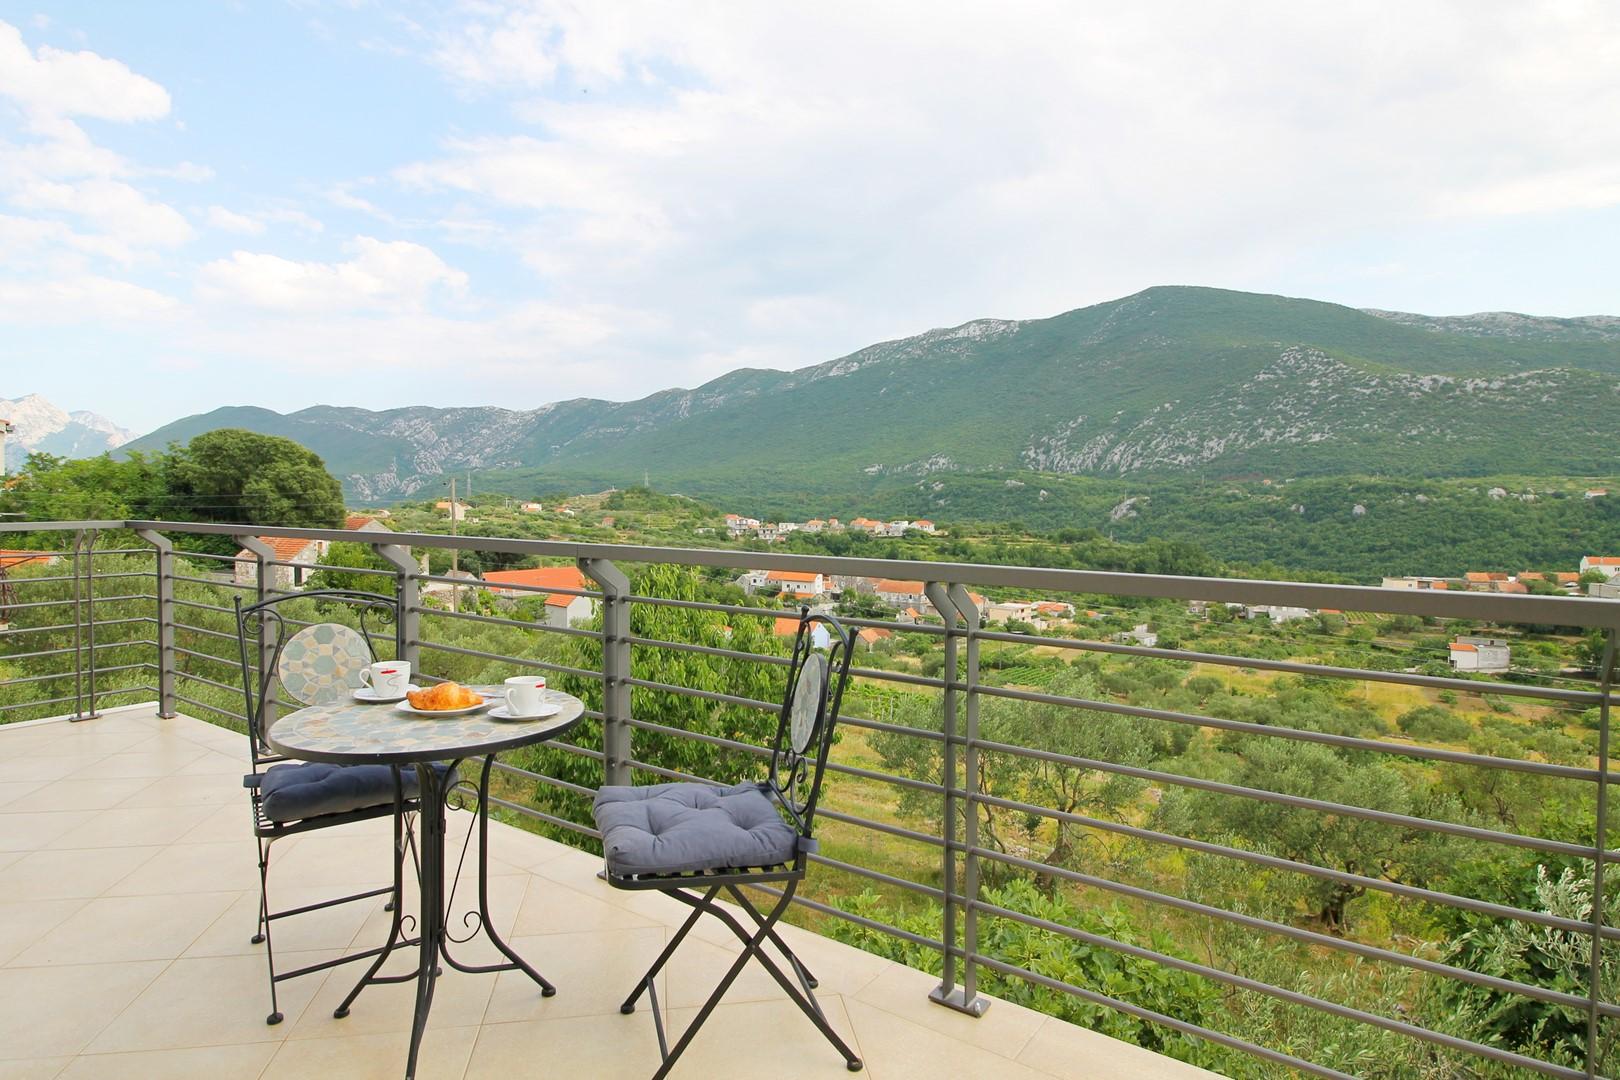 Ferienhaus Privater Pool 3,5 x 8,6 m, überdachter Essbereich im Freien, kostenloses WLAN, voll - klim (2663850), Kostanje, , Dalmatien, Kroatien, Bild 26